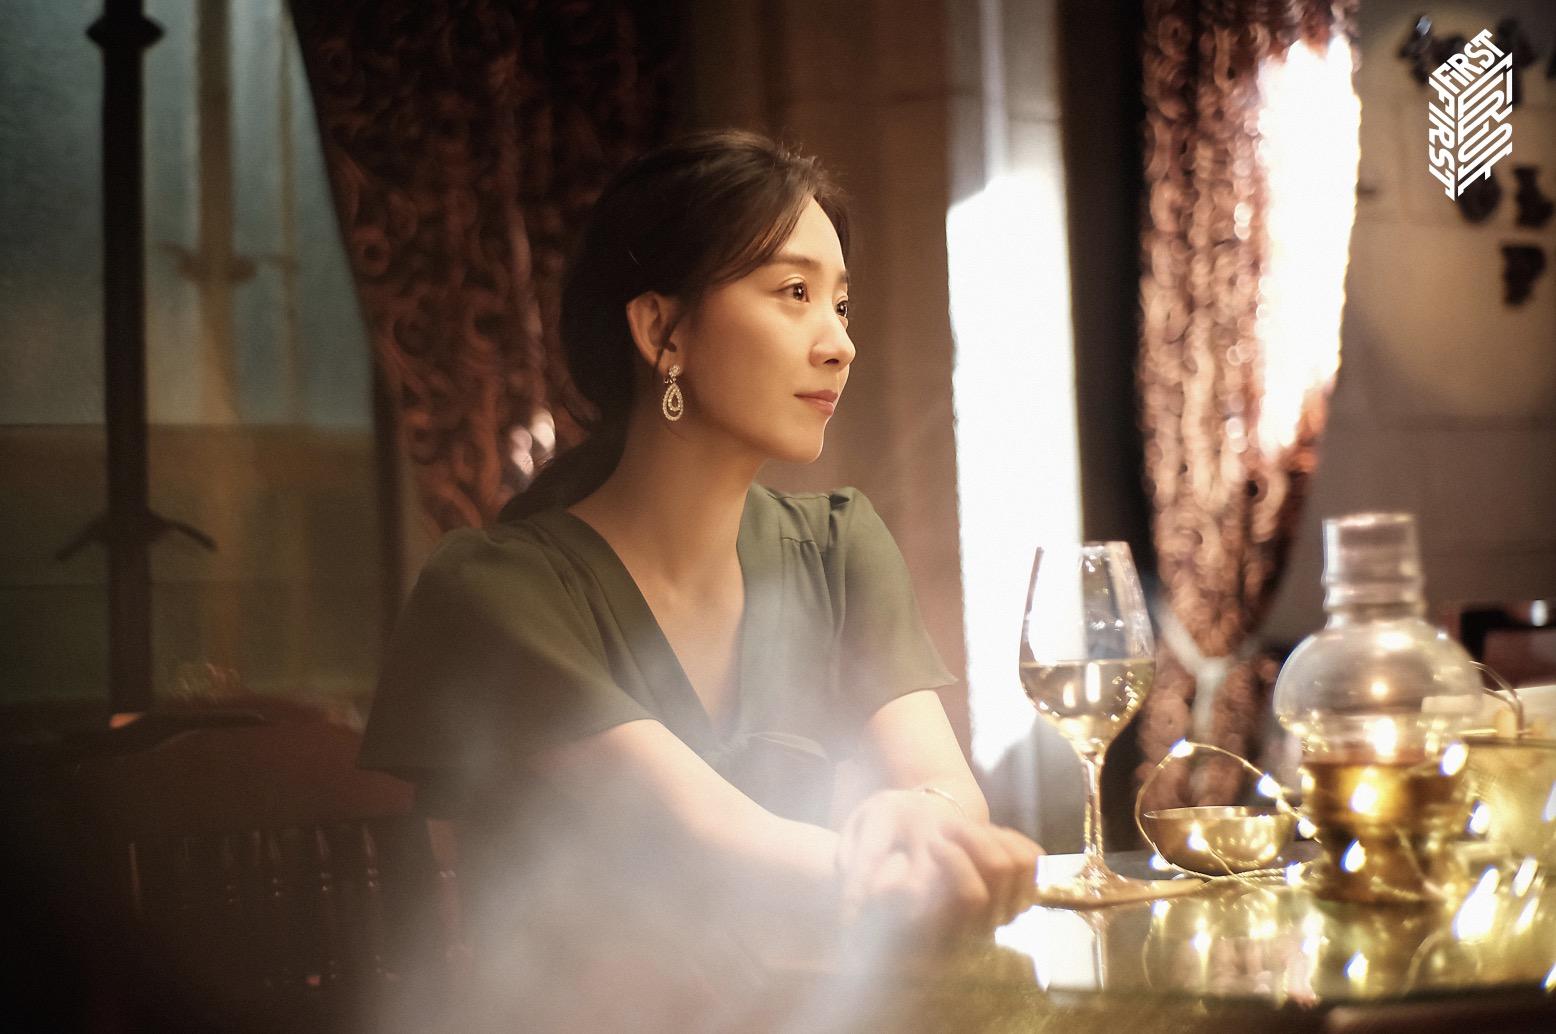 费尔蒙酒店×FIRST短片季,《不会说话的爱情》留下一段华丽冒险